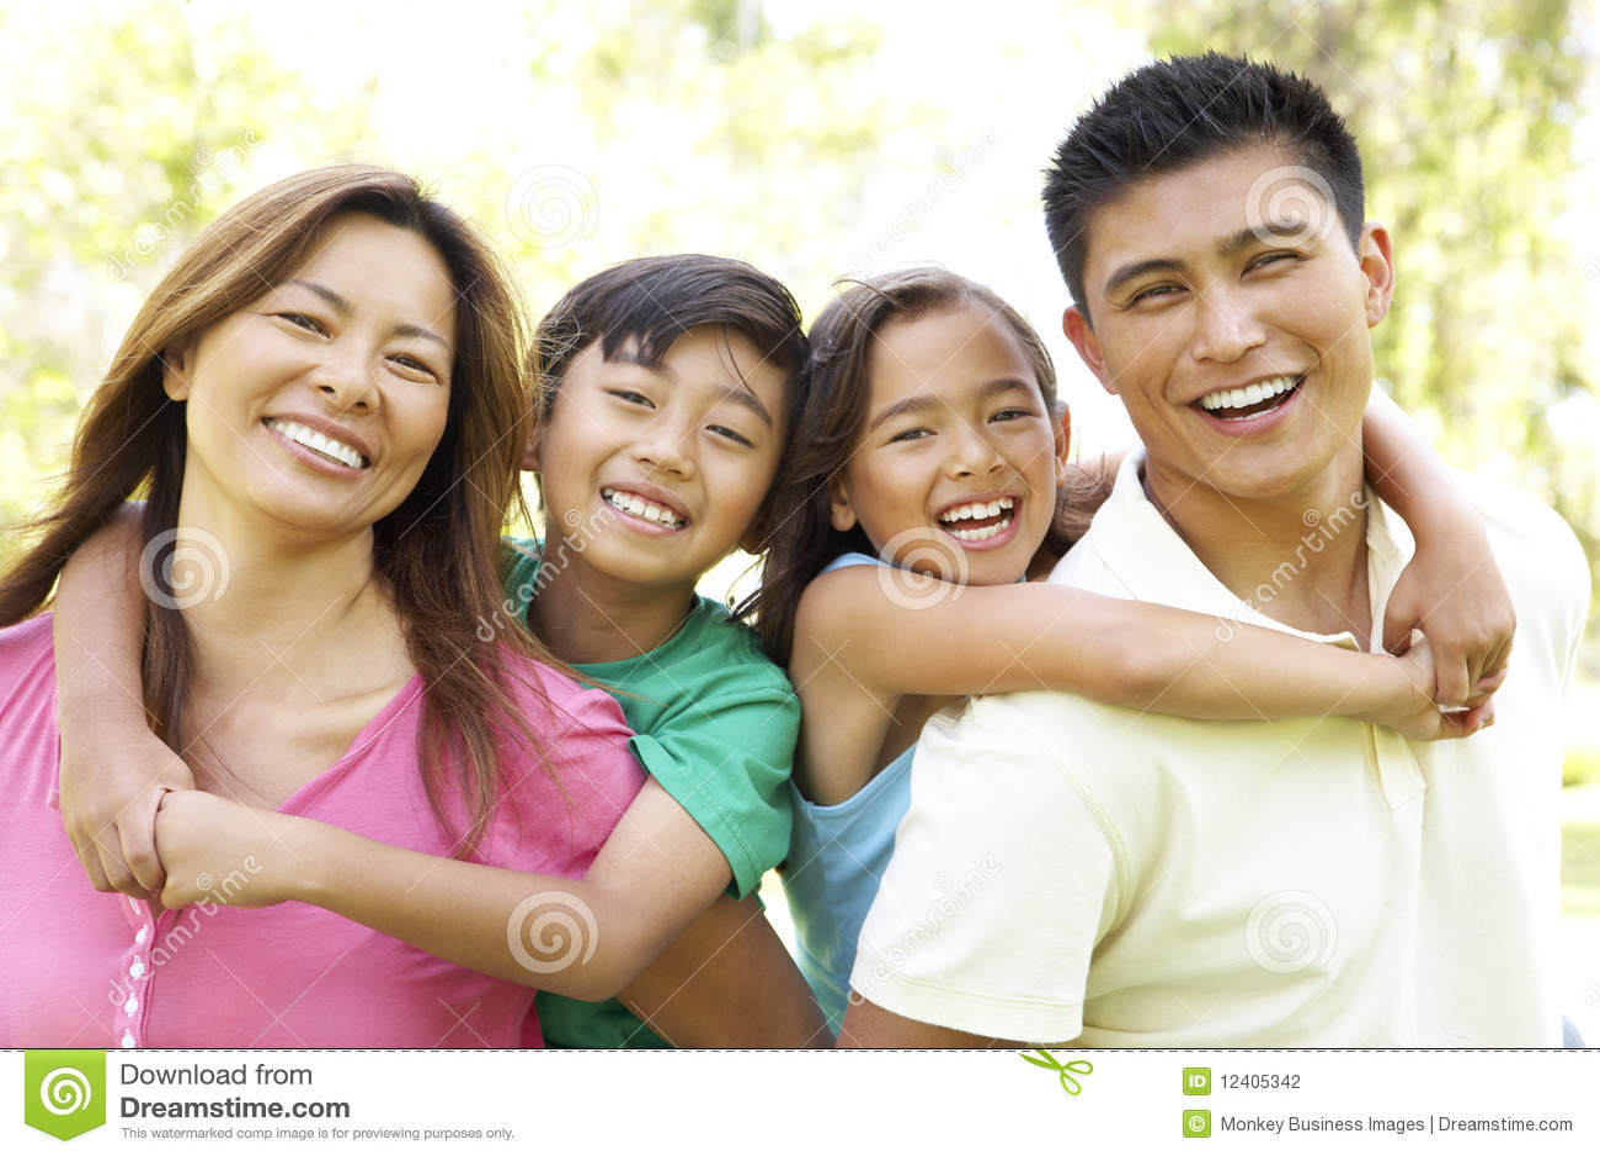 Οικογένεια που απολαμβάνει την ημέρα στο πάρκο